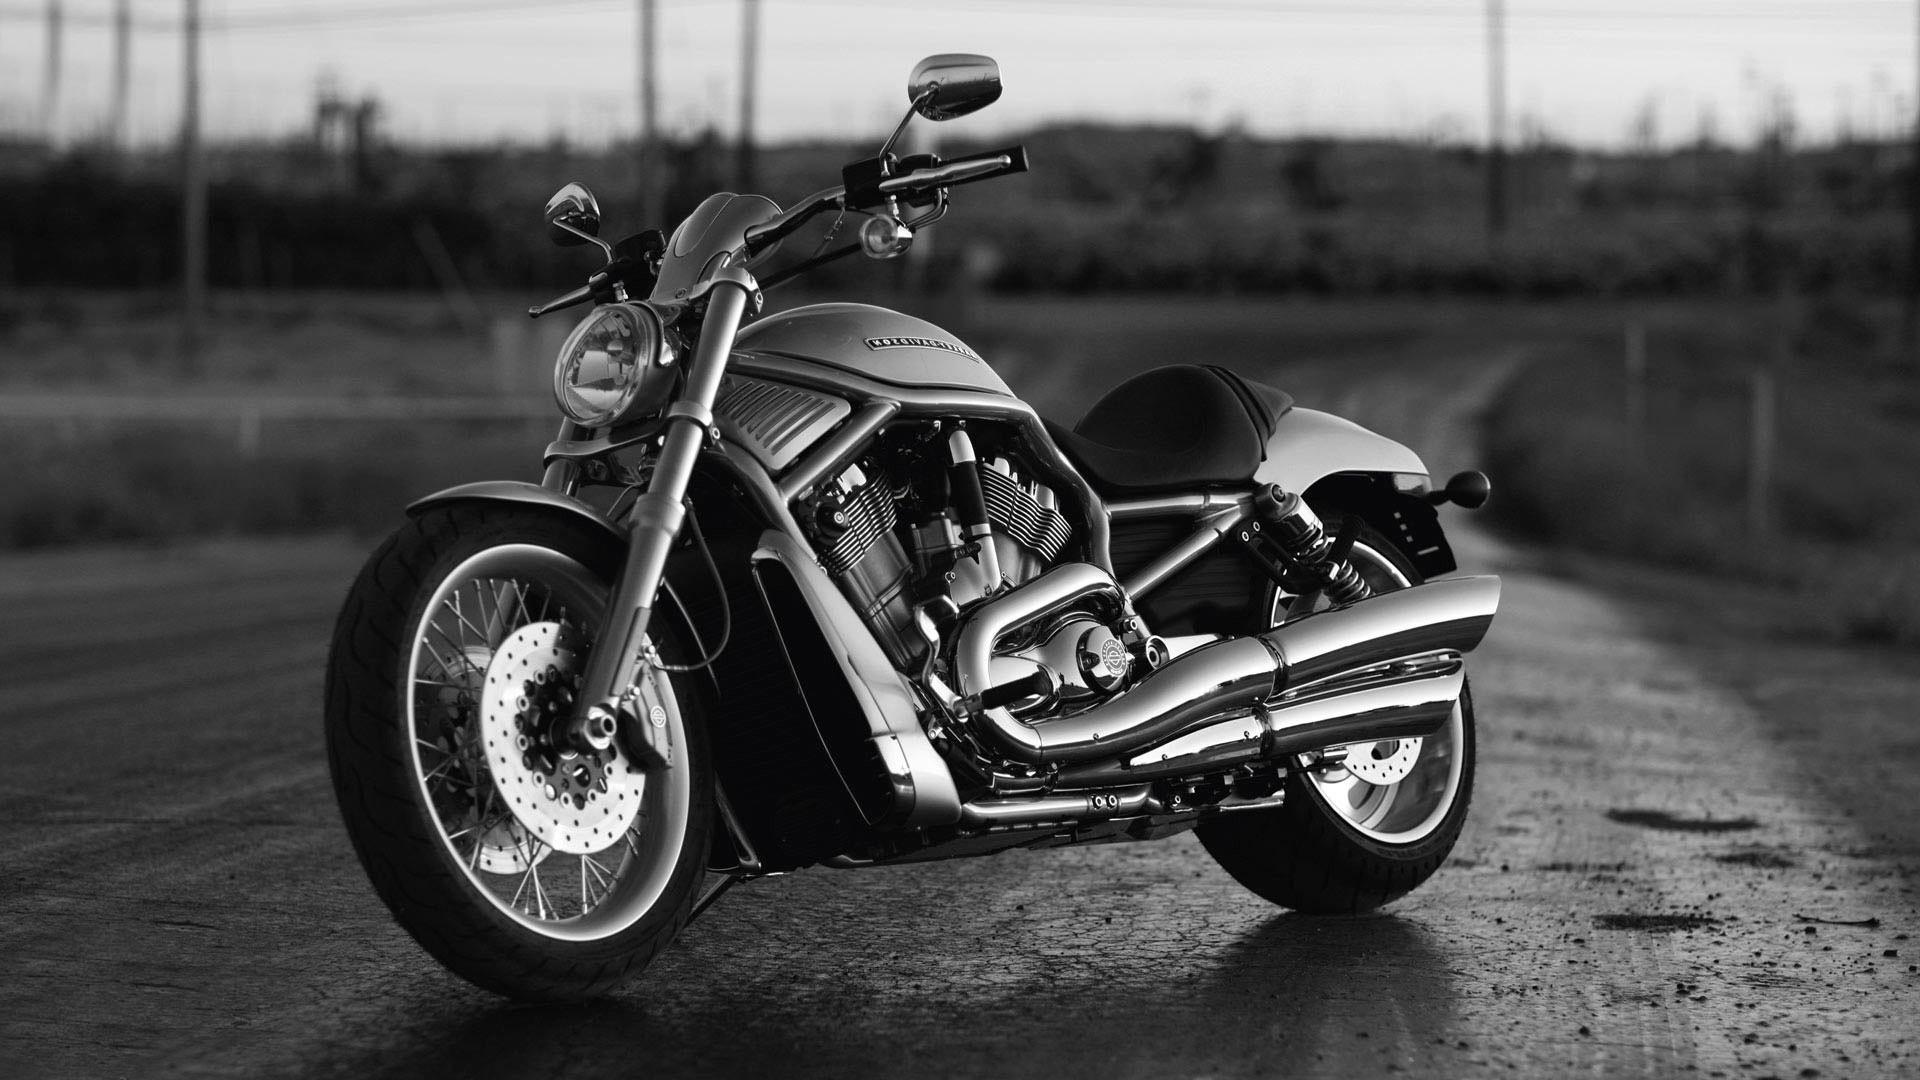 1920x1080 Harley Davidson Desktop Background 2 Hd Wallpapers 4k High Definition Tablet Smart Phones